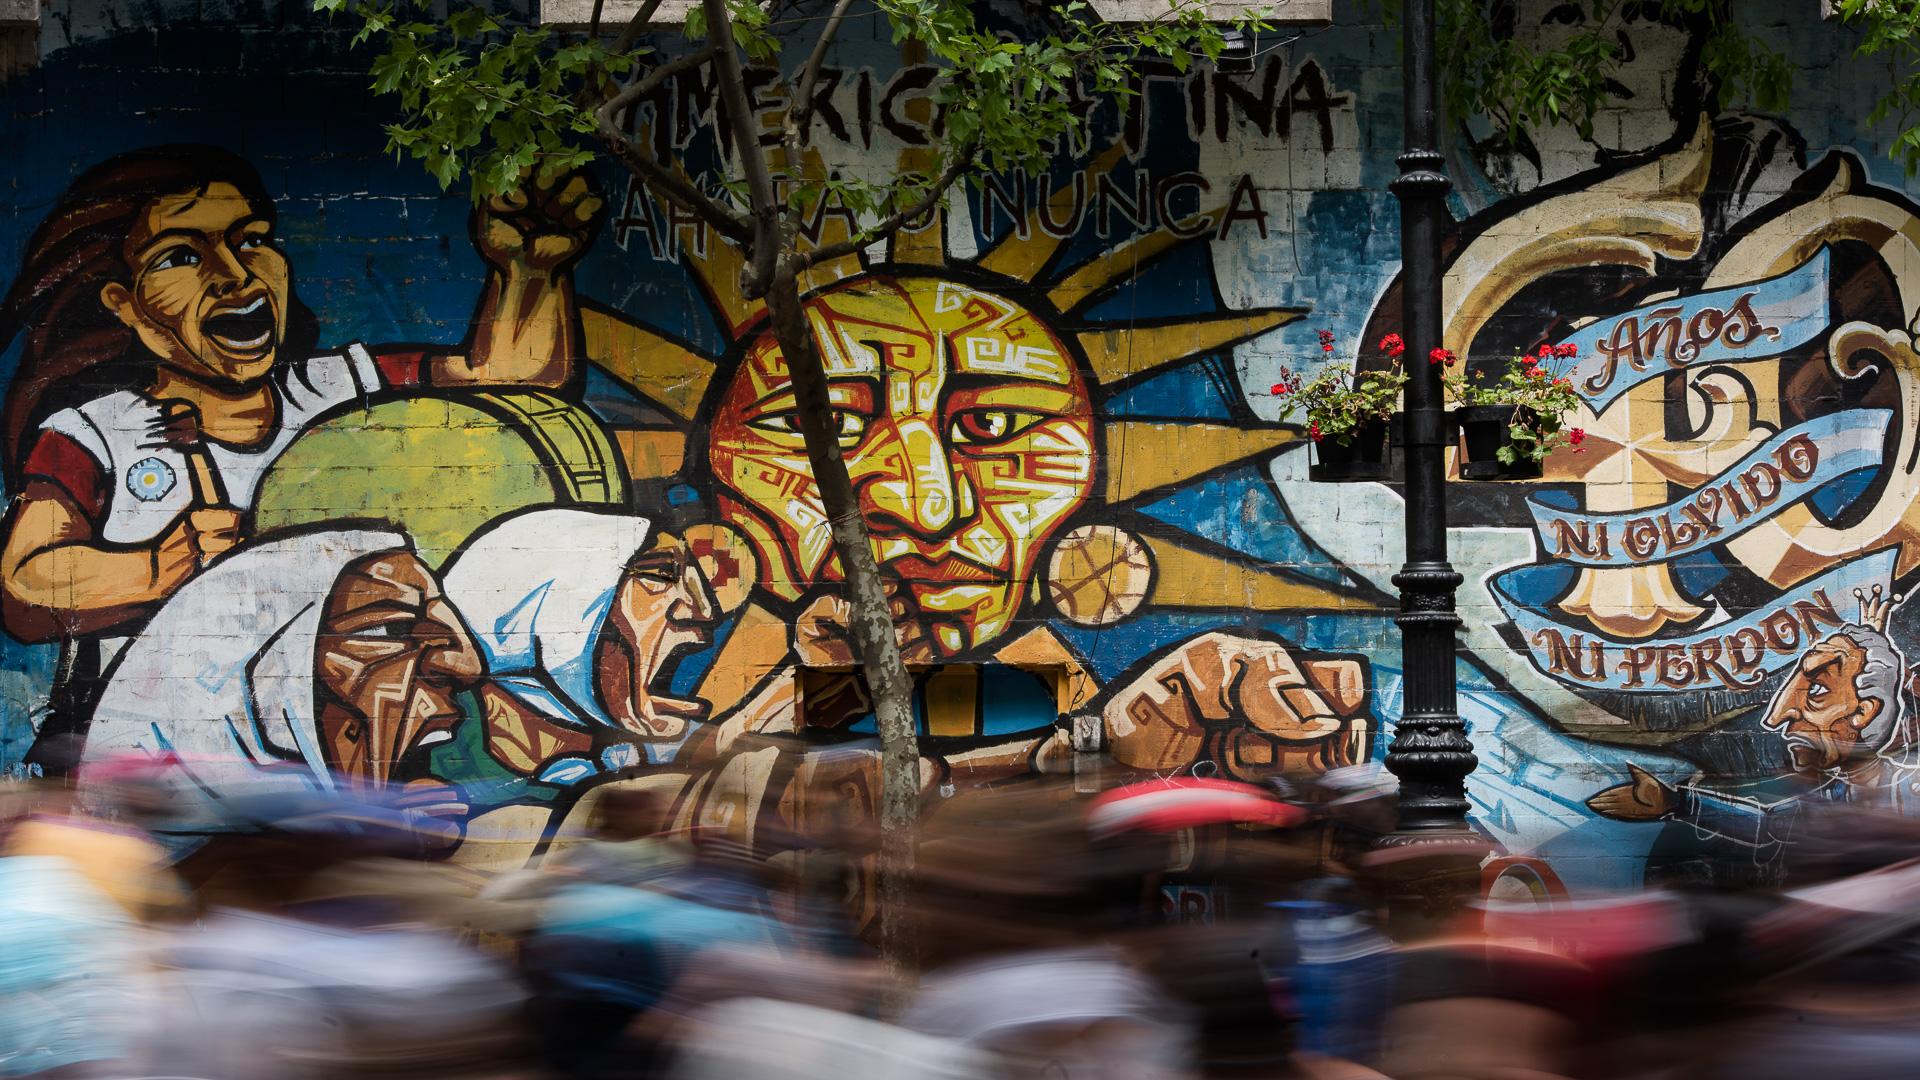 Miles de trabajadores yerbateros se movilizan al Congreso Nacional en protesta por las condiciones laboras en la industria de la Yerba Mate (Adrián Escandar)